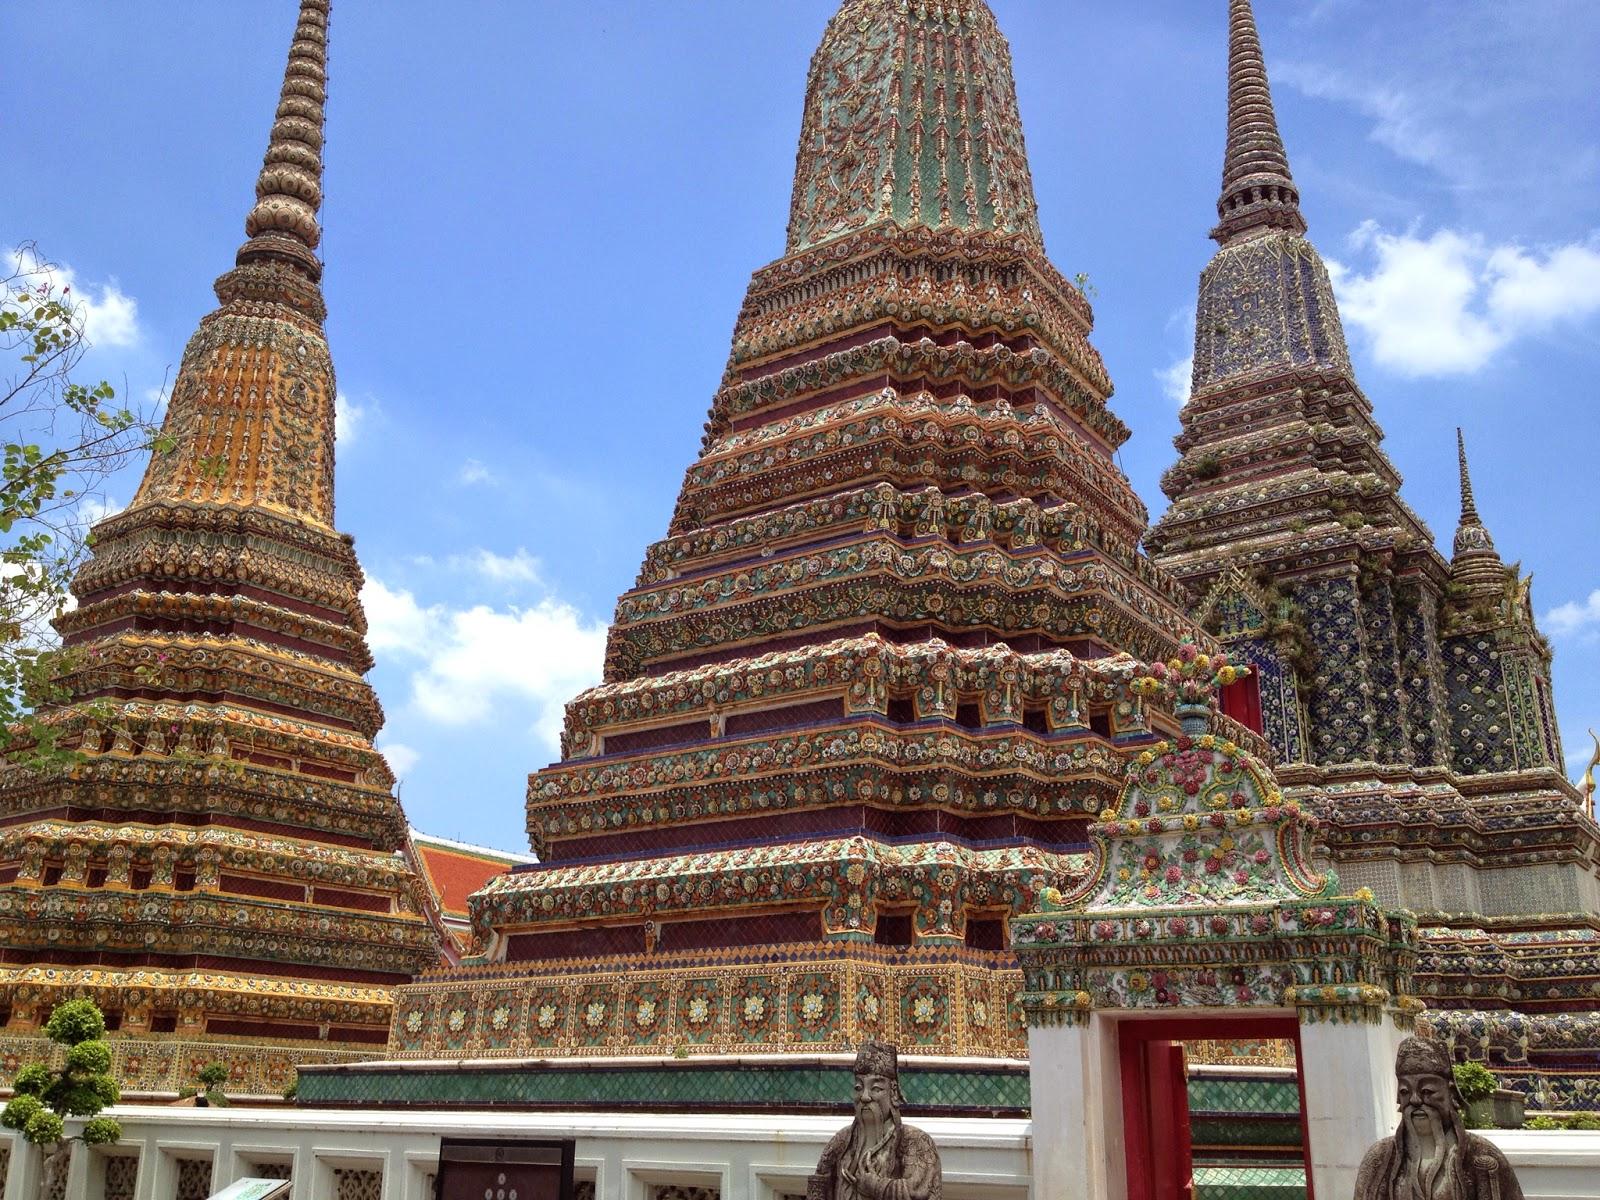 Bangkok - Wat Pho - Four massive chedis